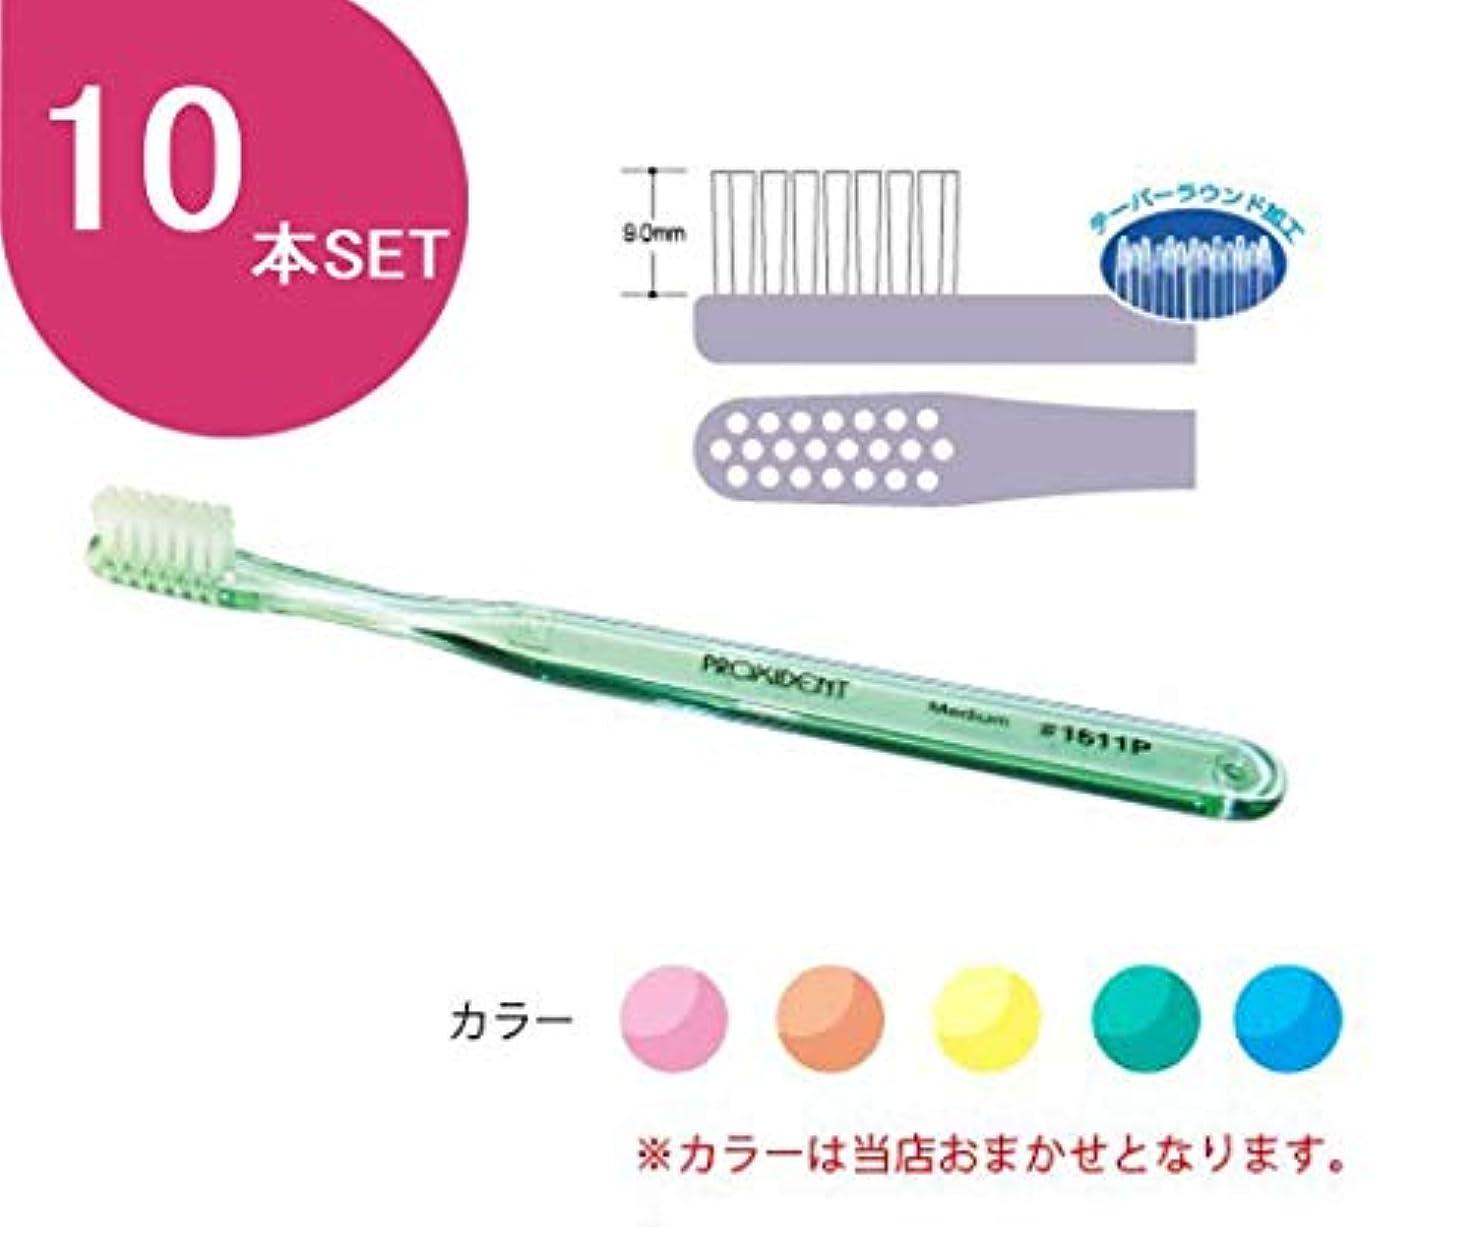 亡命過敏なキャンペーンプローデント プロキシデント #1611P 歯ブラシ 10本入